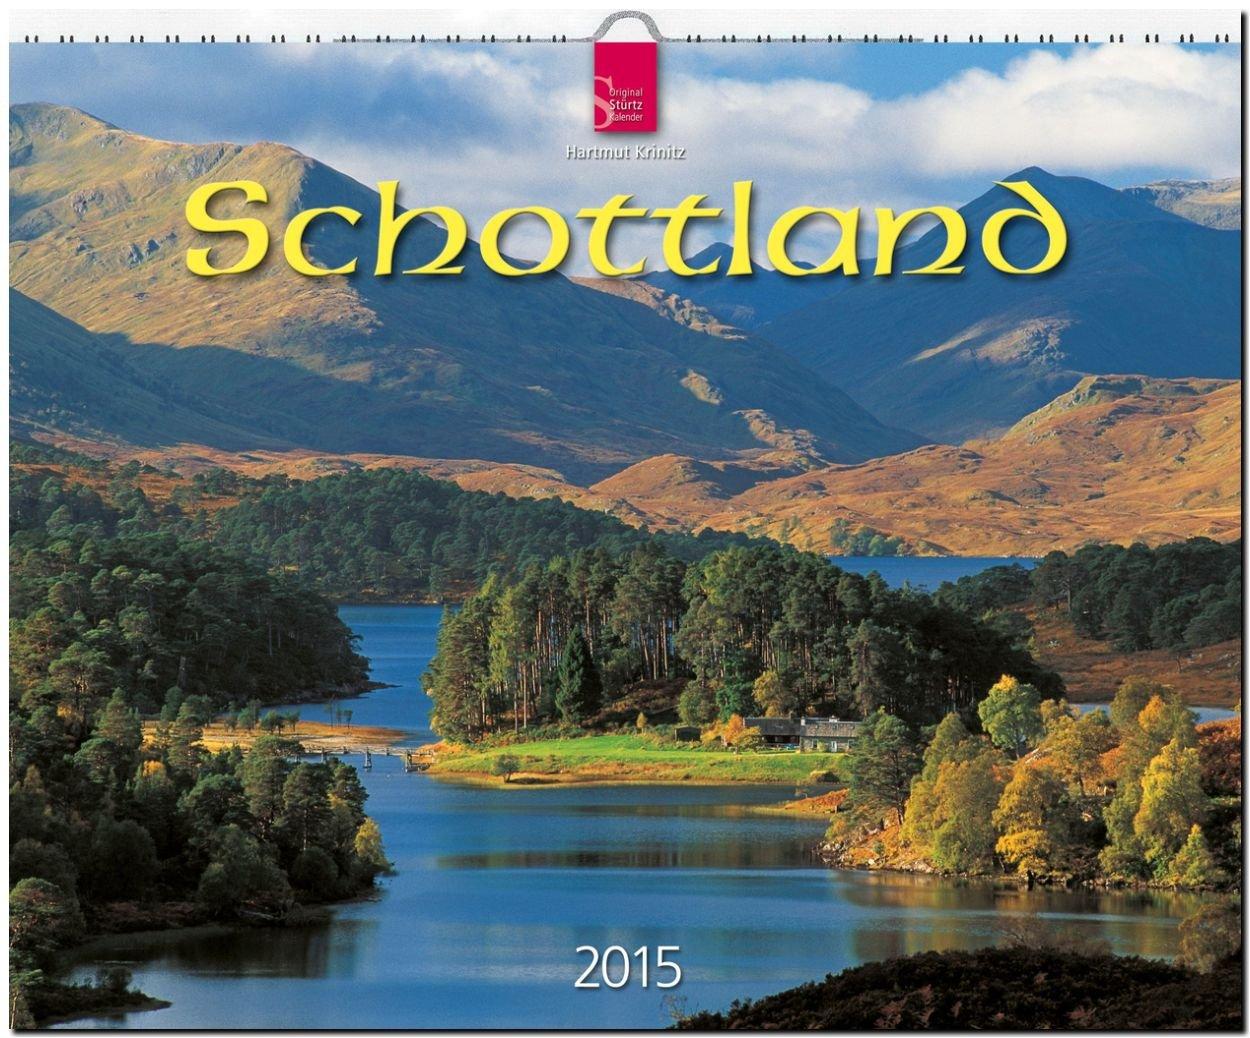 schottland-2015-original-strtz-kalender-grossformat-kalender-60-x-48-cm